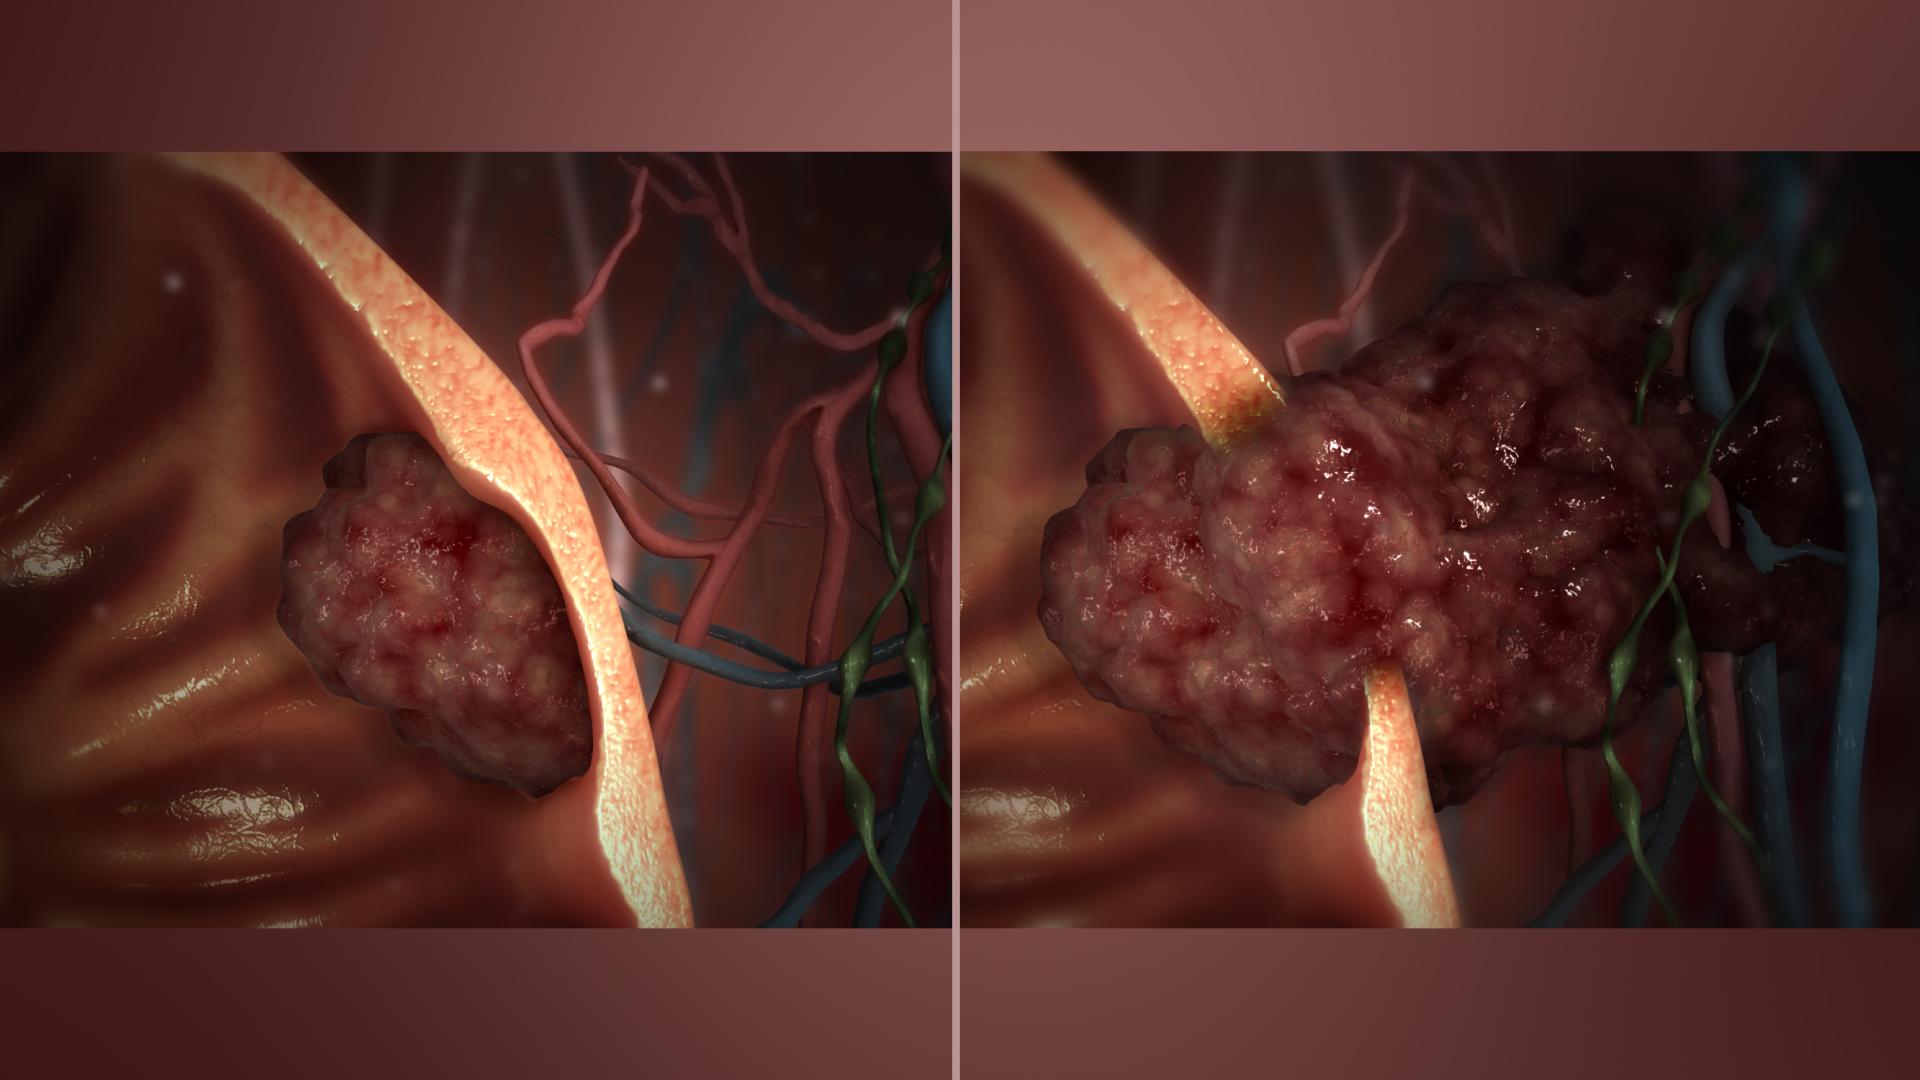 vestibular papillomatosis is normal cell papilloma icd 10